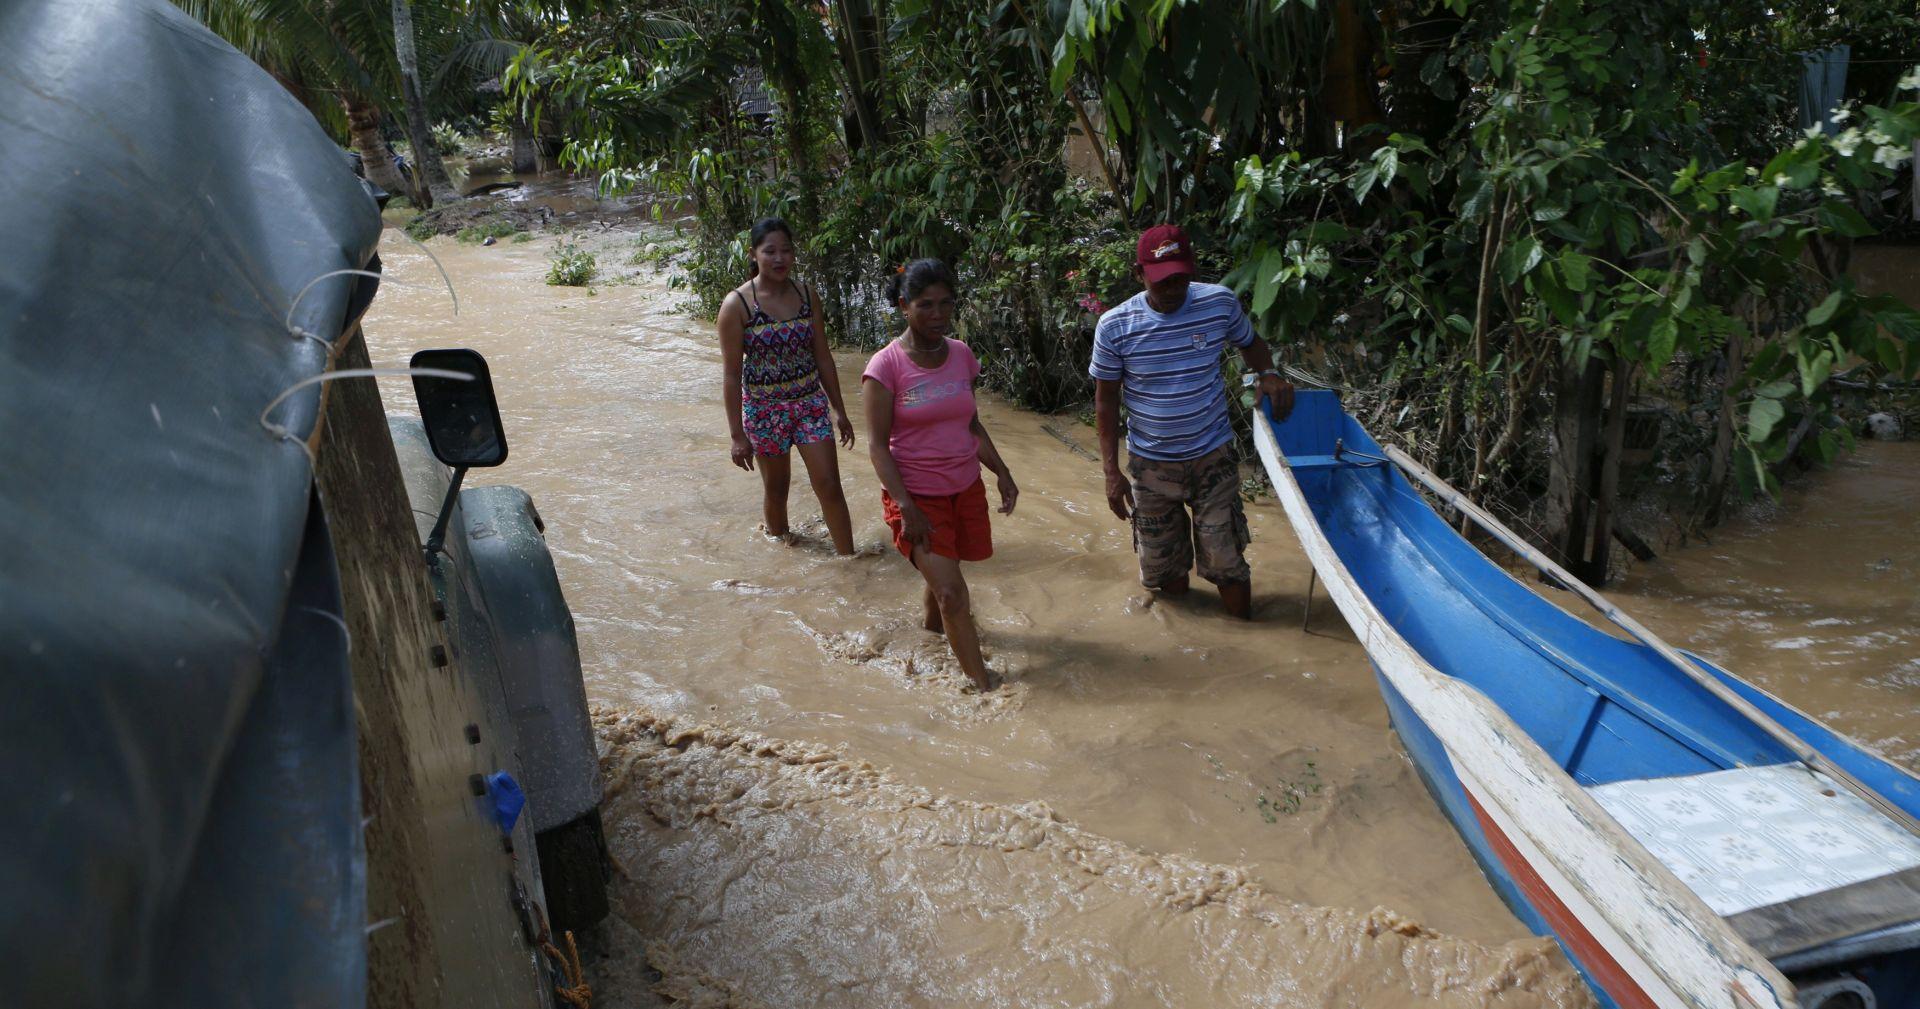 BOŽIĆNO ČUDO Spašena Filipinka koju je poplava odnijela 900 kilometara